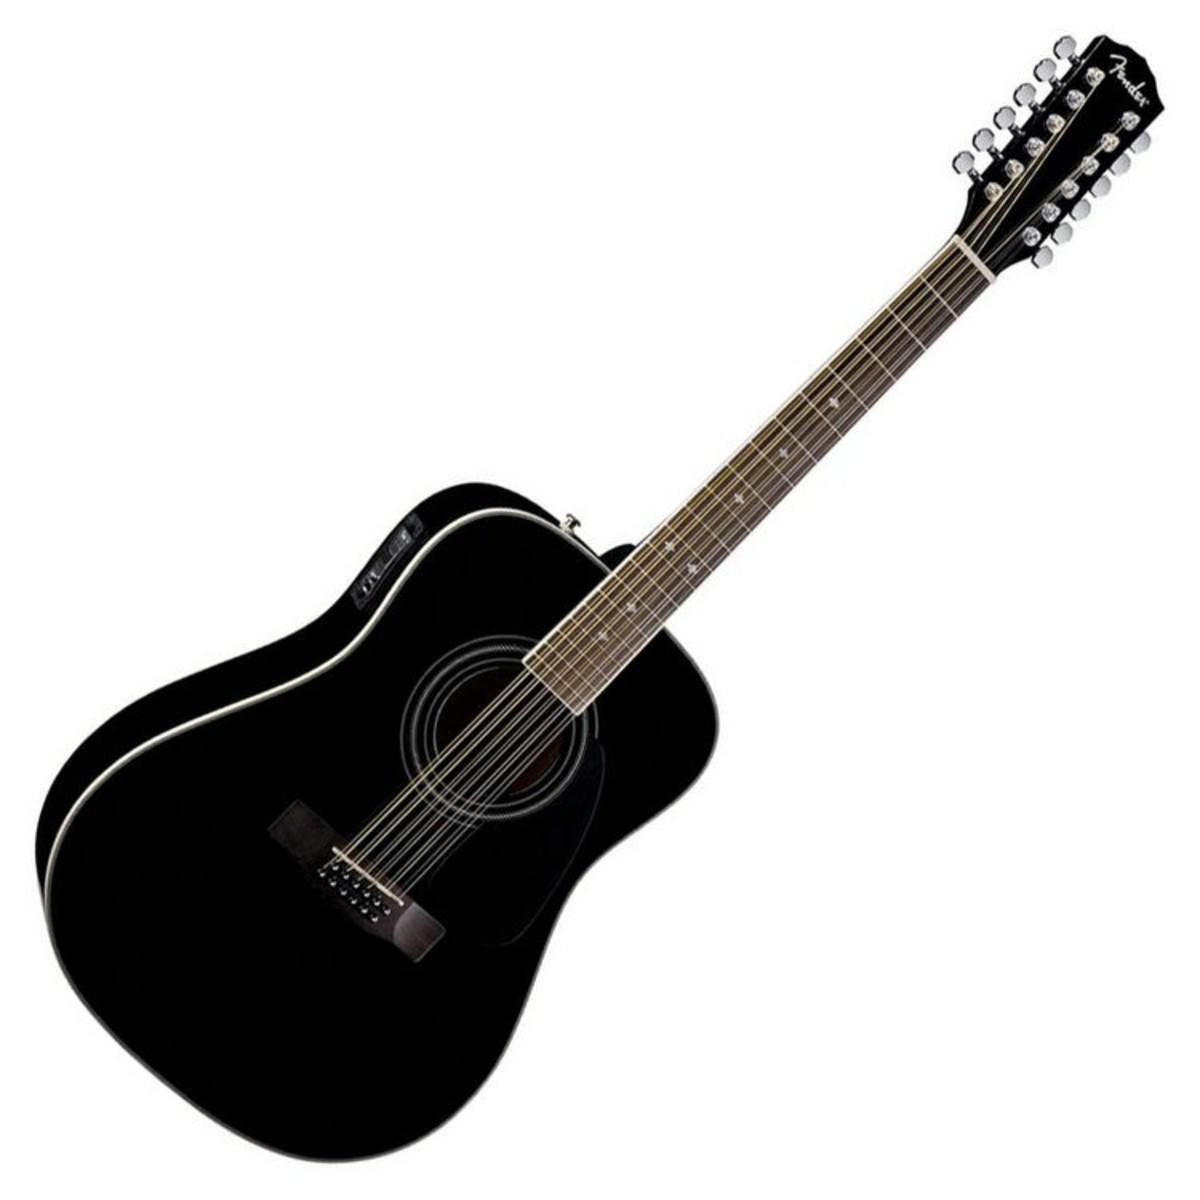 fender cd 160 se 12 string electro acoustic guitar black at gear4music. Black Bedroom Furniture Sets. Home Design Ideas